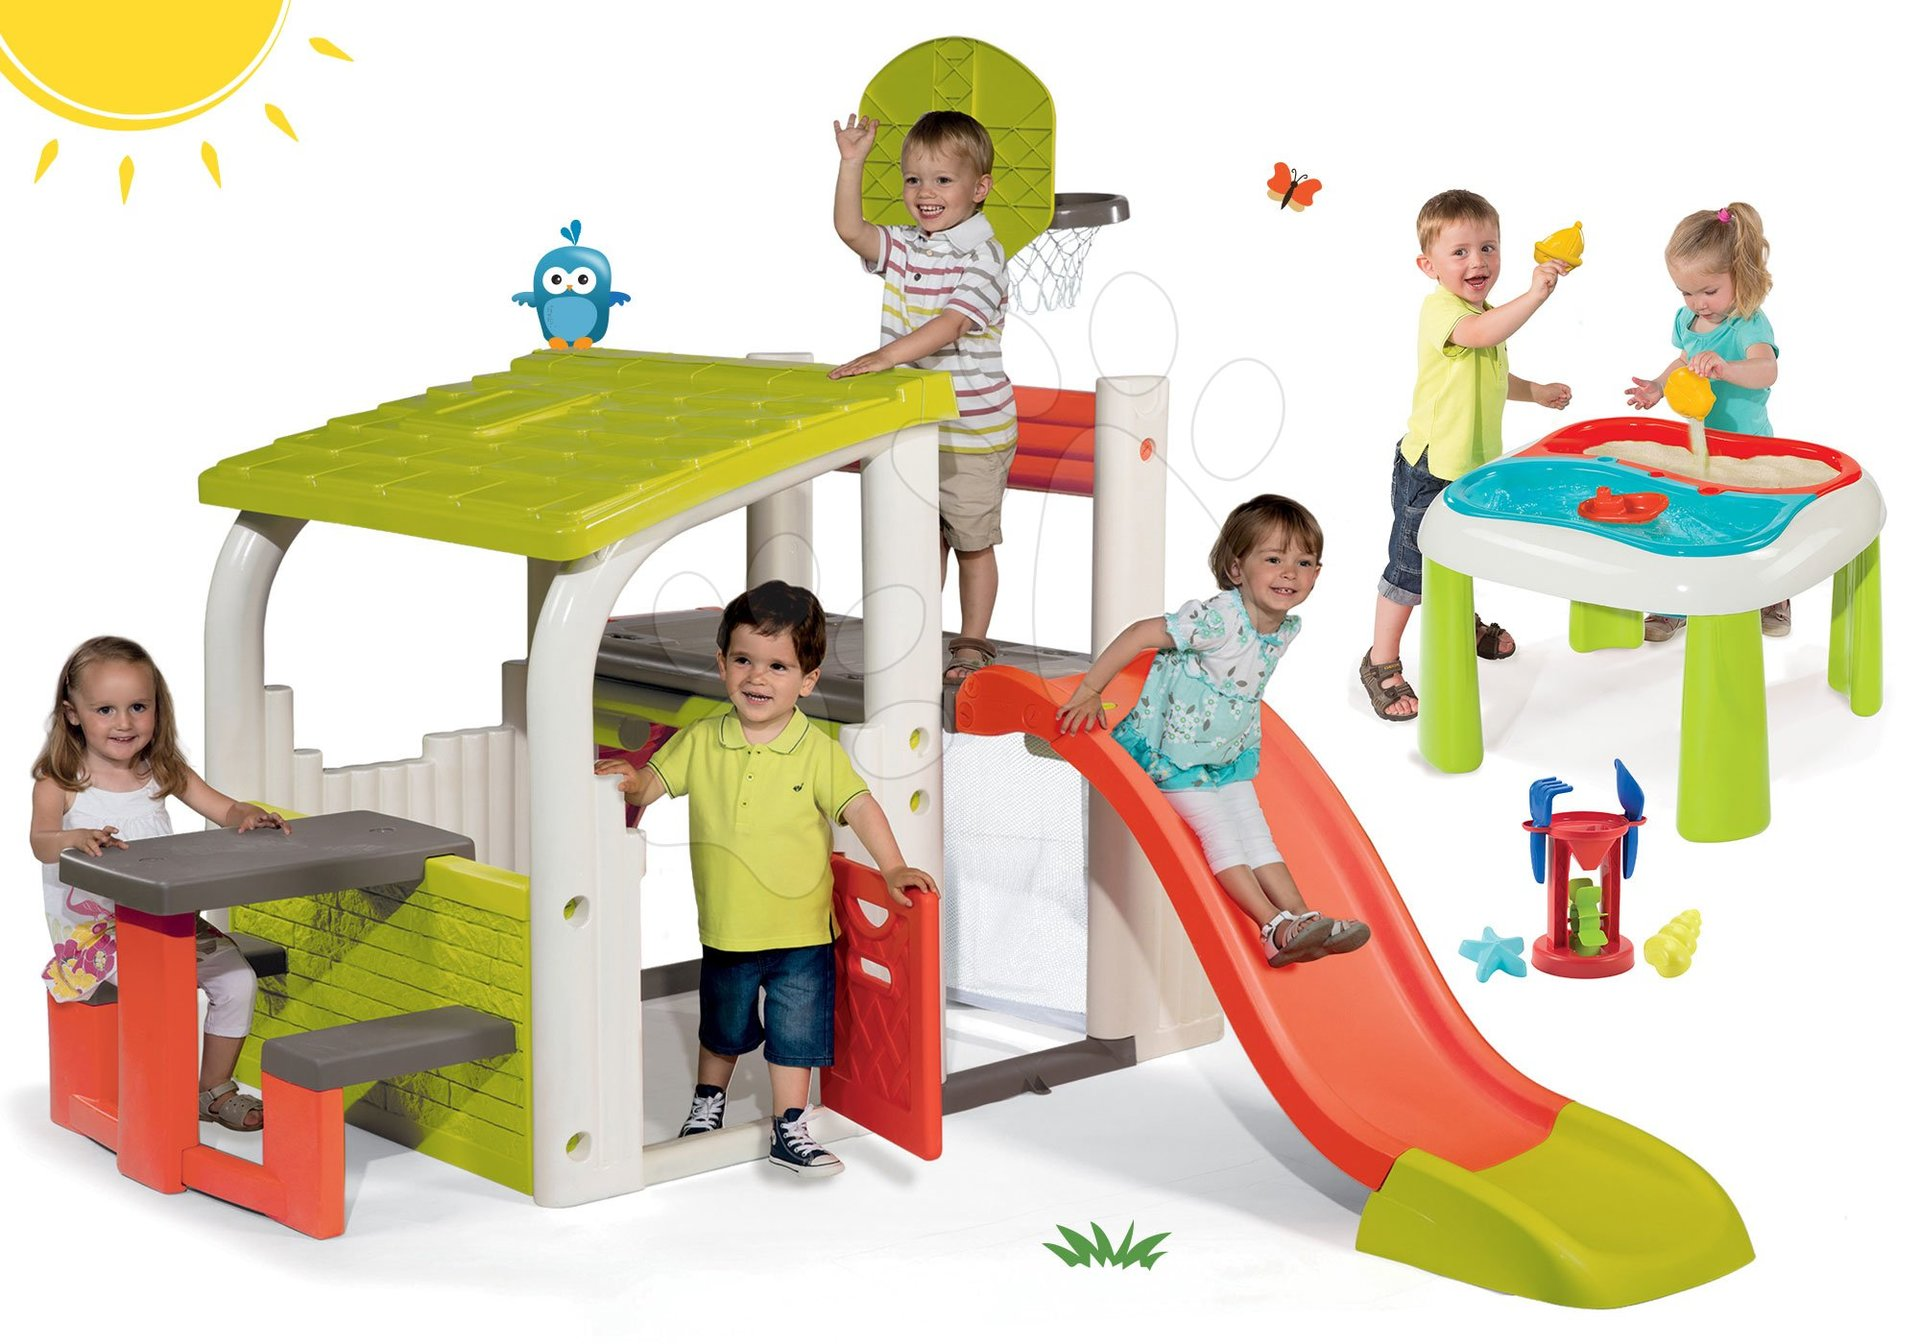 Hracie centrá - Set hracie centrum Fun Center Smoby so šmykľavkou dlhou 150 cm a stôl Voda&Piesok 2v1 s mlynom od 24 mes